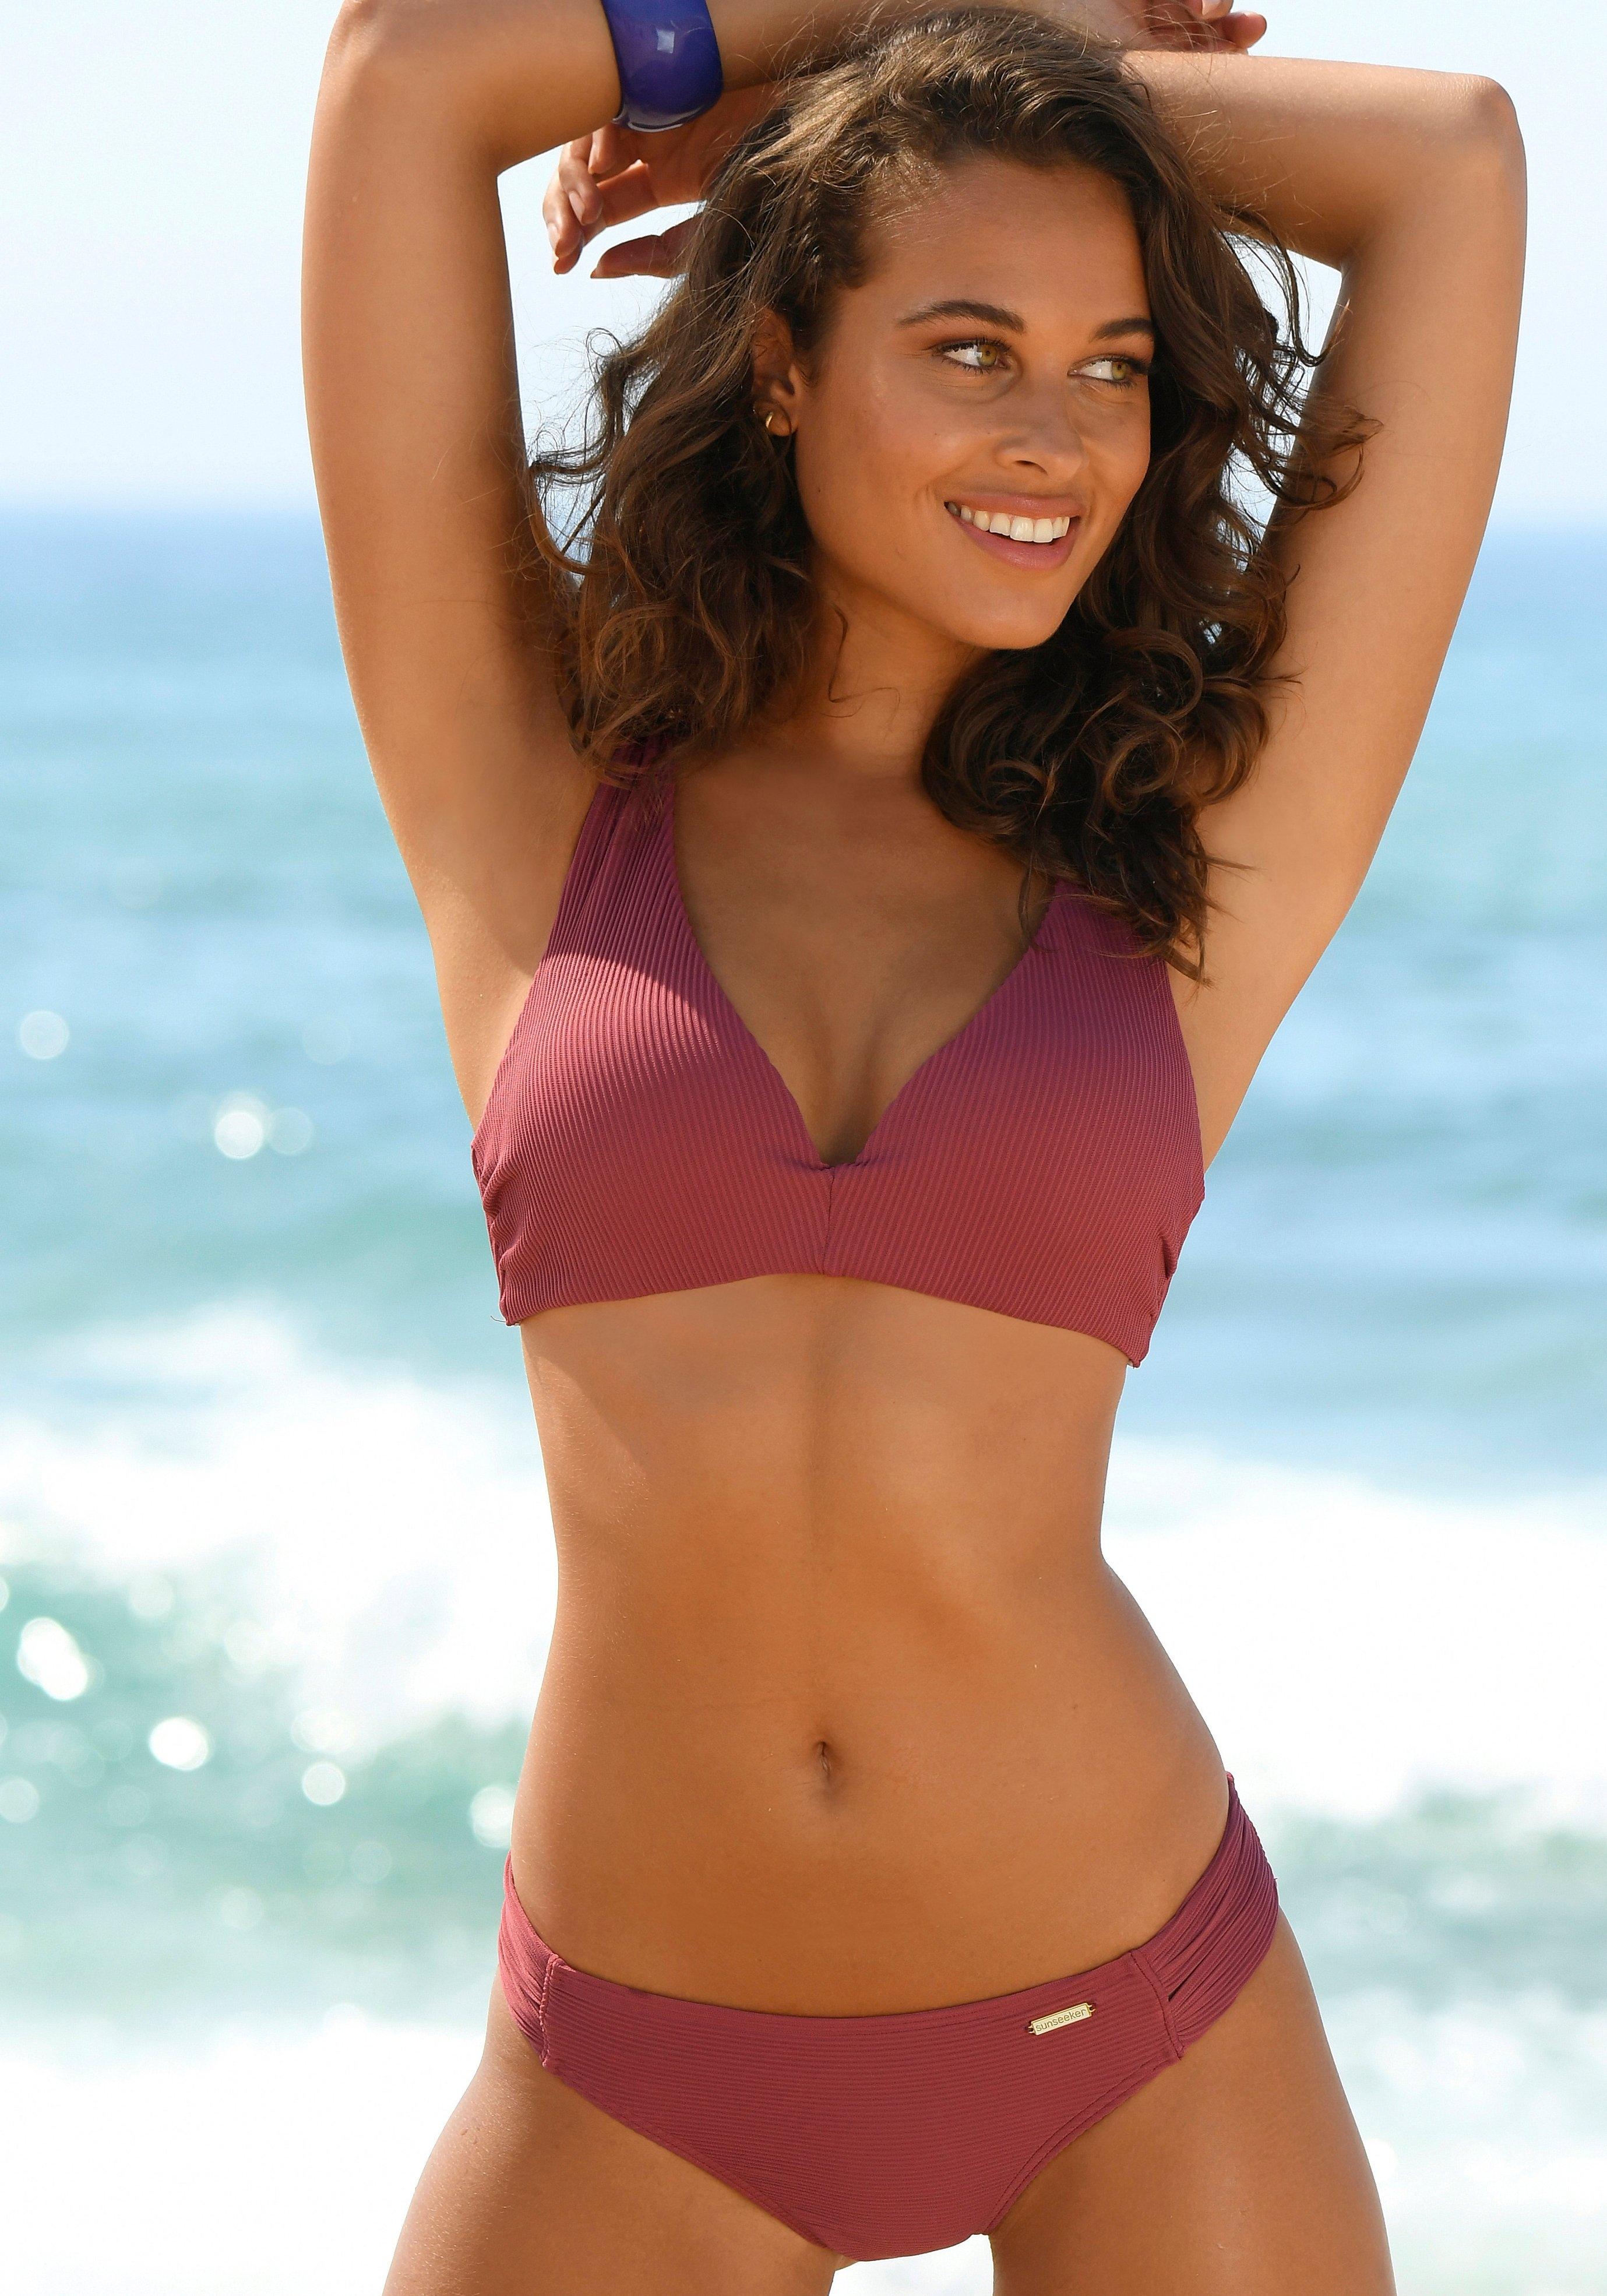 Sunseeker triangel-bikinitop Fancy met push-up effect bestellen: 30 dagen bedenktijd